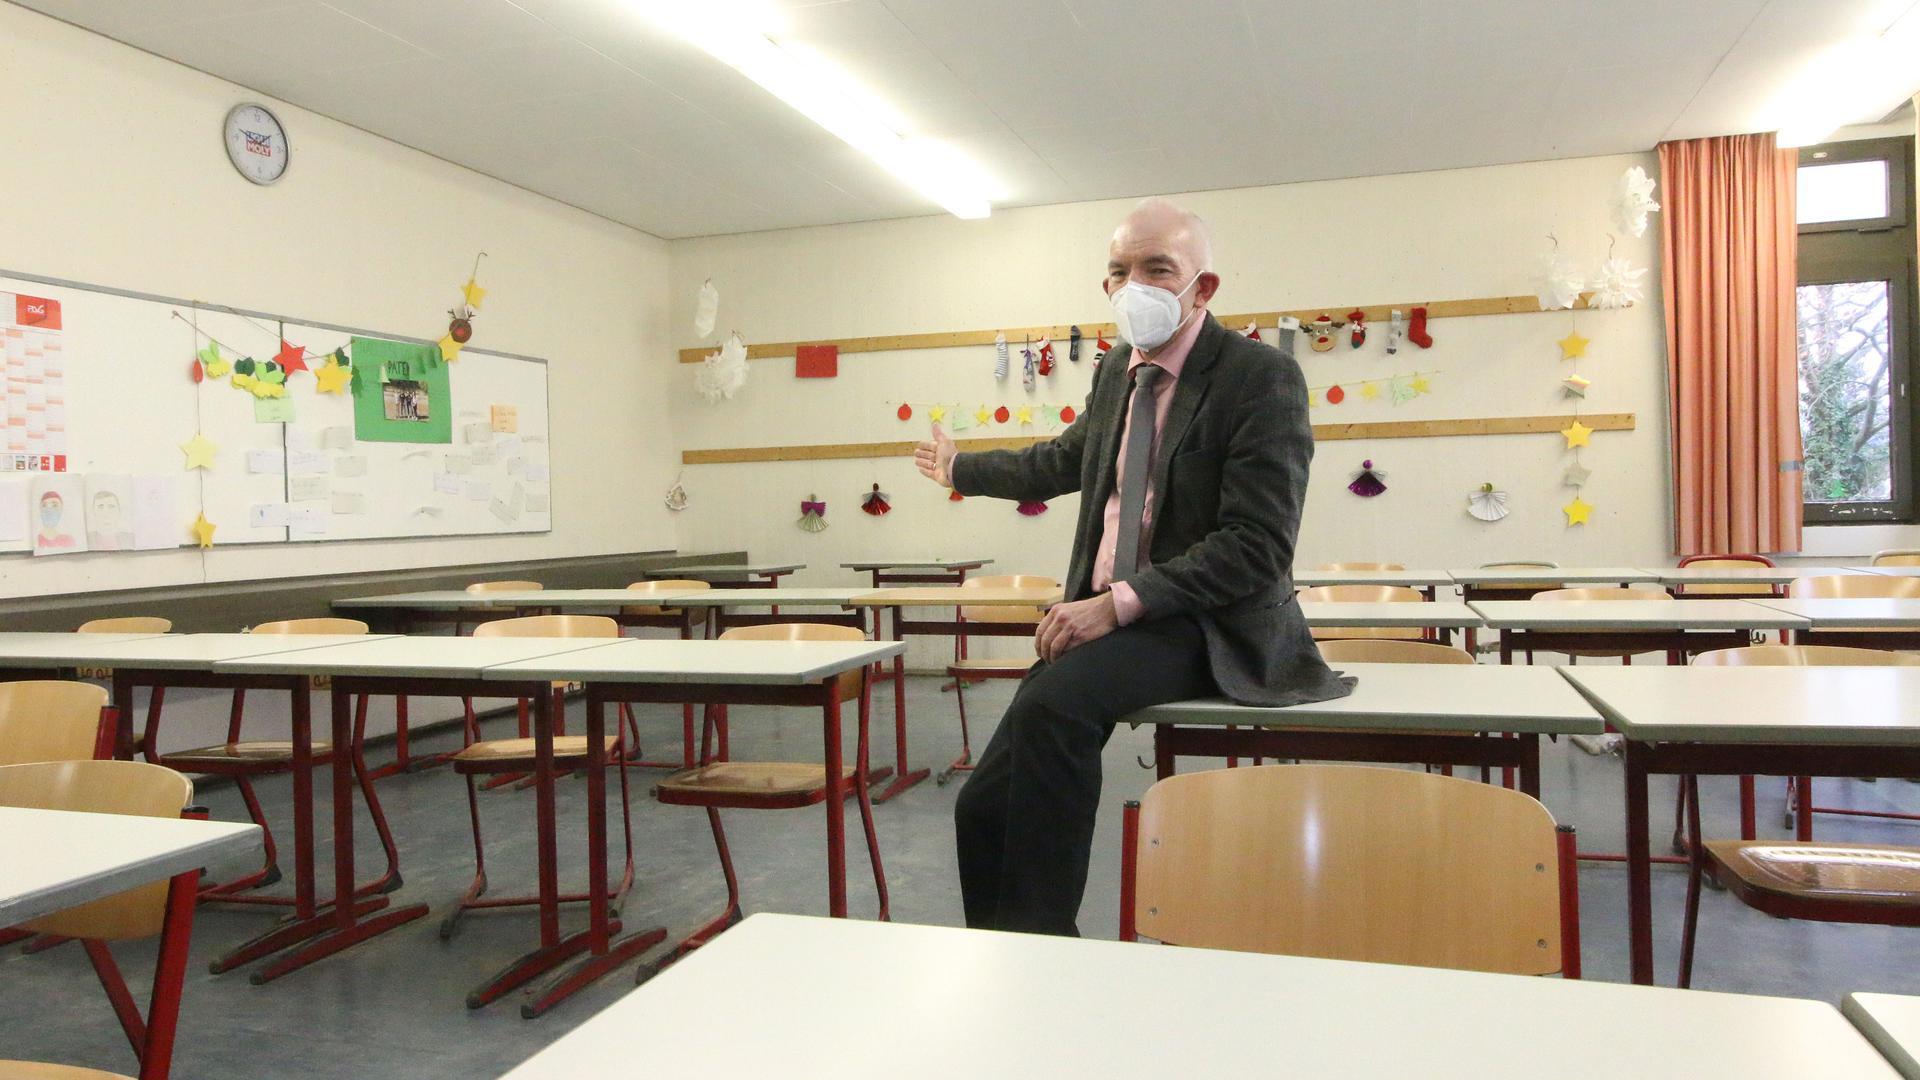 Hereinspaziert: Kai Adam, Rektor des Reuchlin-Gymnasium, freut sich darüber, dass in den Klassenzimmern bald wieder Präsenzunterricht stattfindet. Die Schule startet gut vorbereitet in den Regelbetrieb.